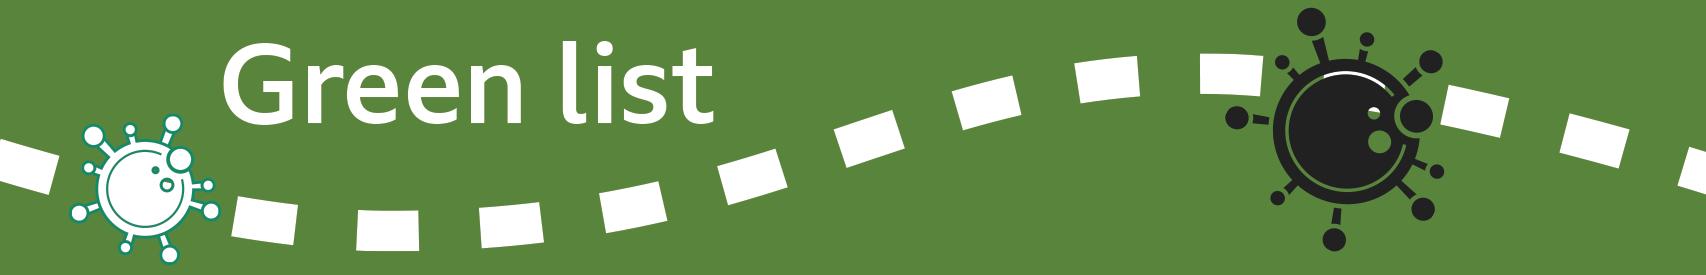 Green list banner